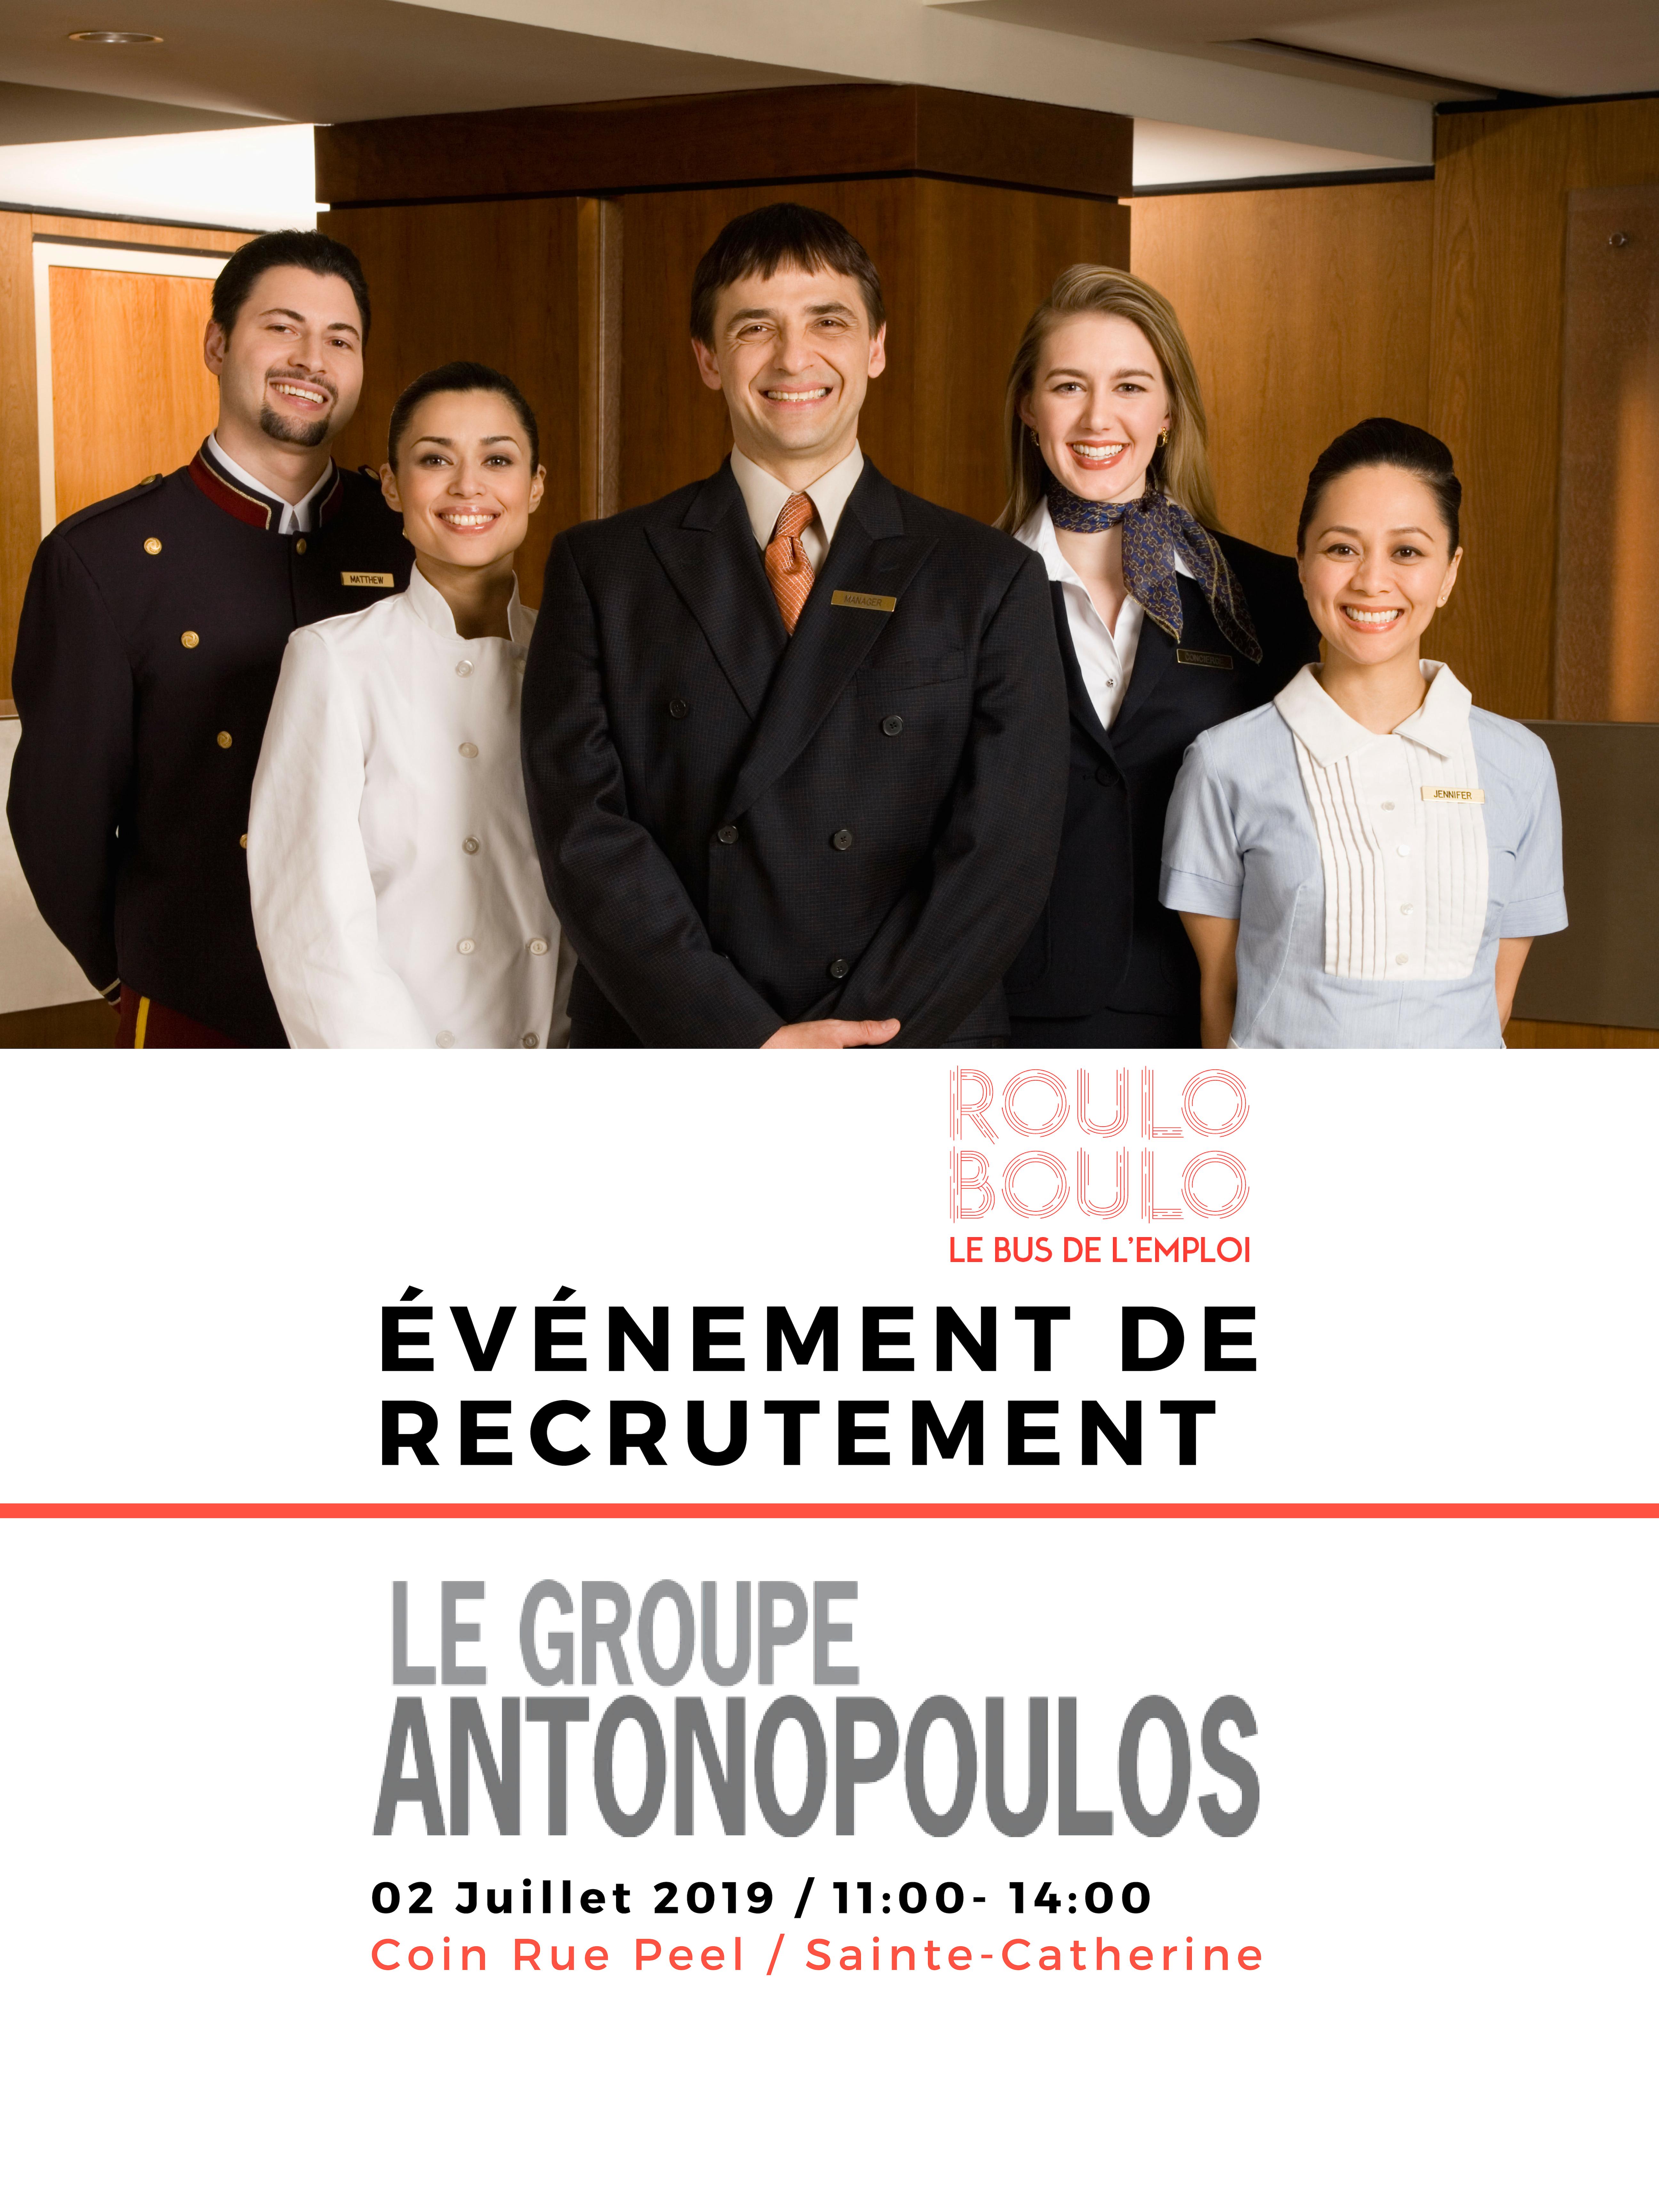 Image ÉVÉNEMENT DE RECRUTEMENT – GROUPE ANTONOPOULOS